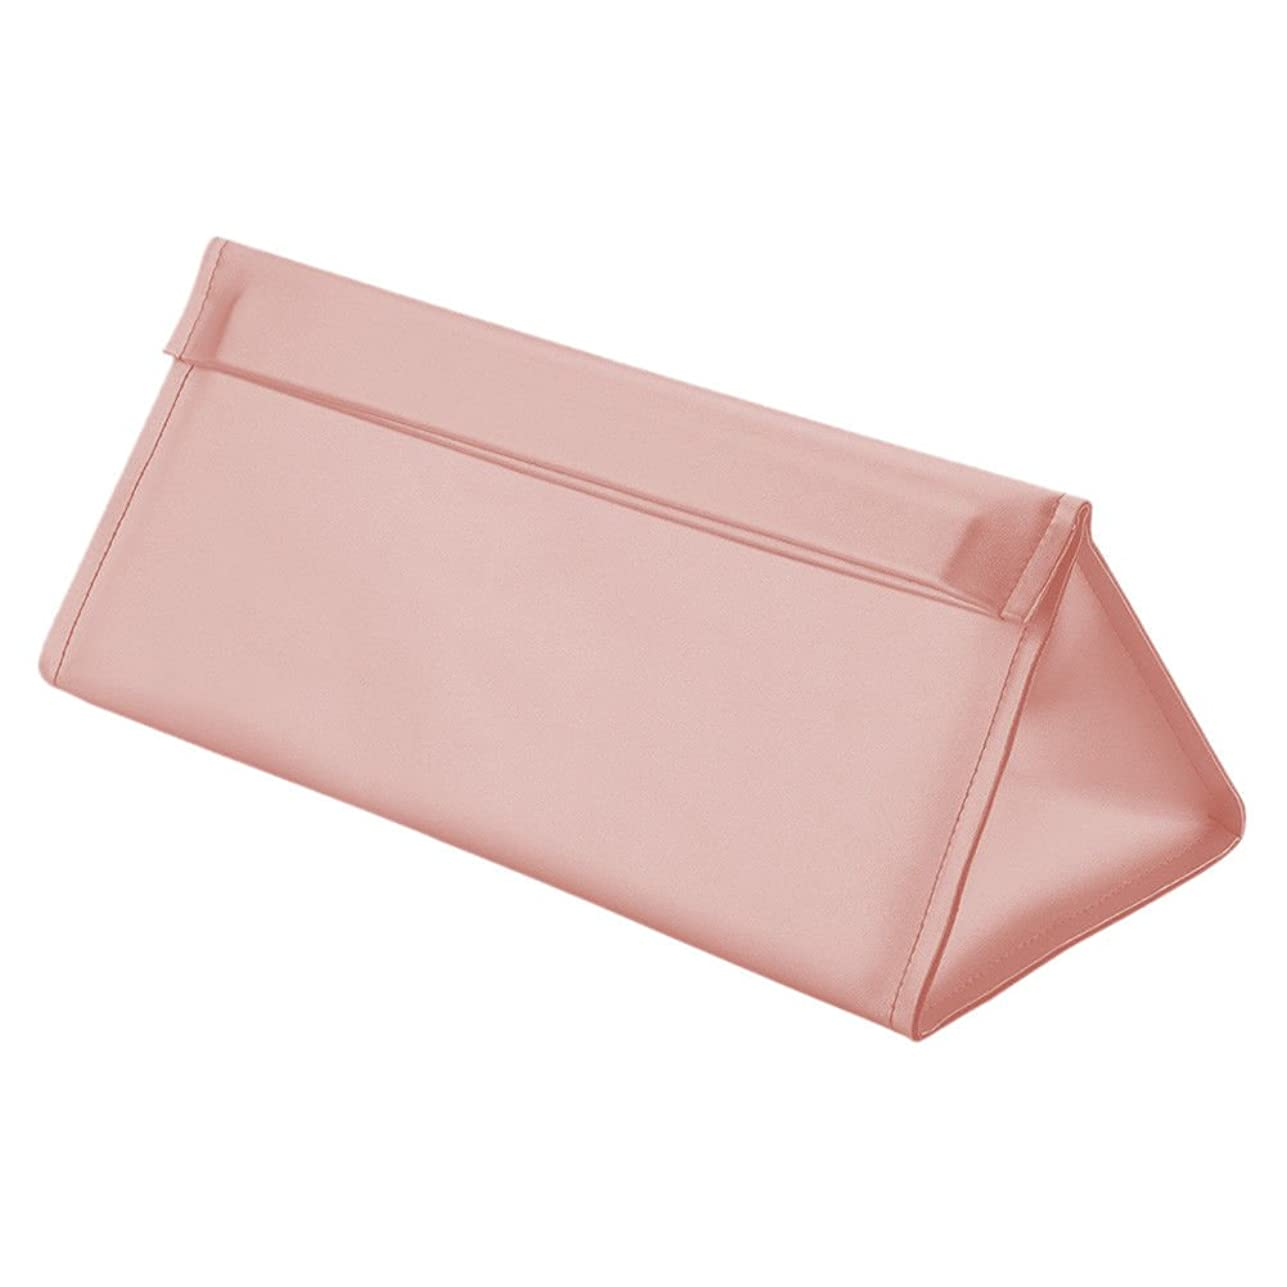 比喩実験的パンフレットHzjundasi ヘアドライヤーケース 保護カバー 収納保護バッグ 実用 耐久 防水 防塵 防湿 携帯便利 ファション for Dyson ヘアドライヤー ピンク